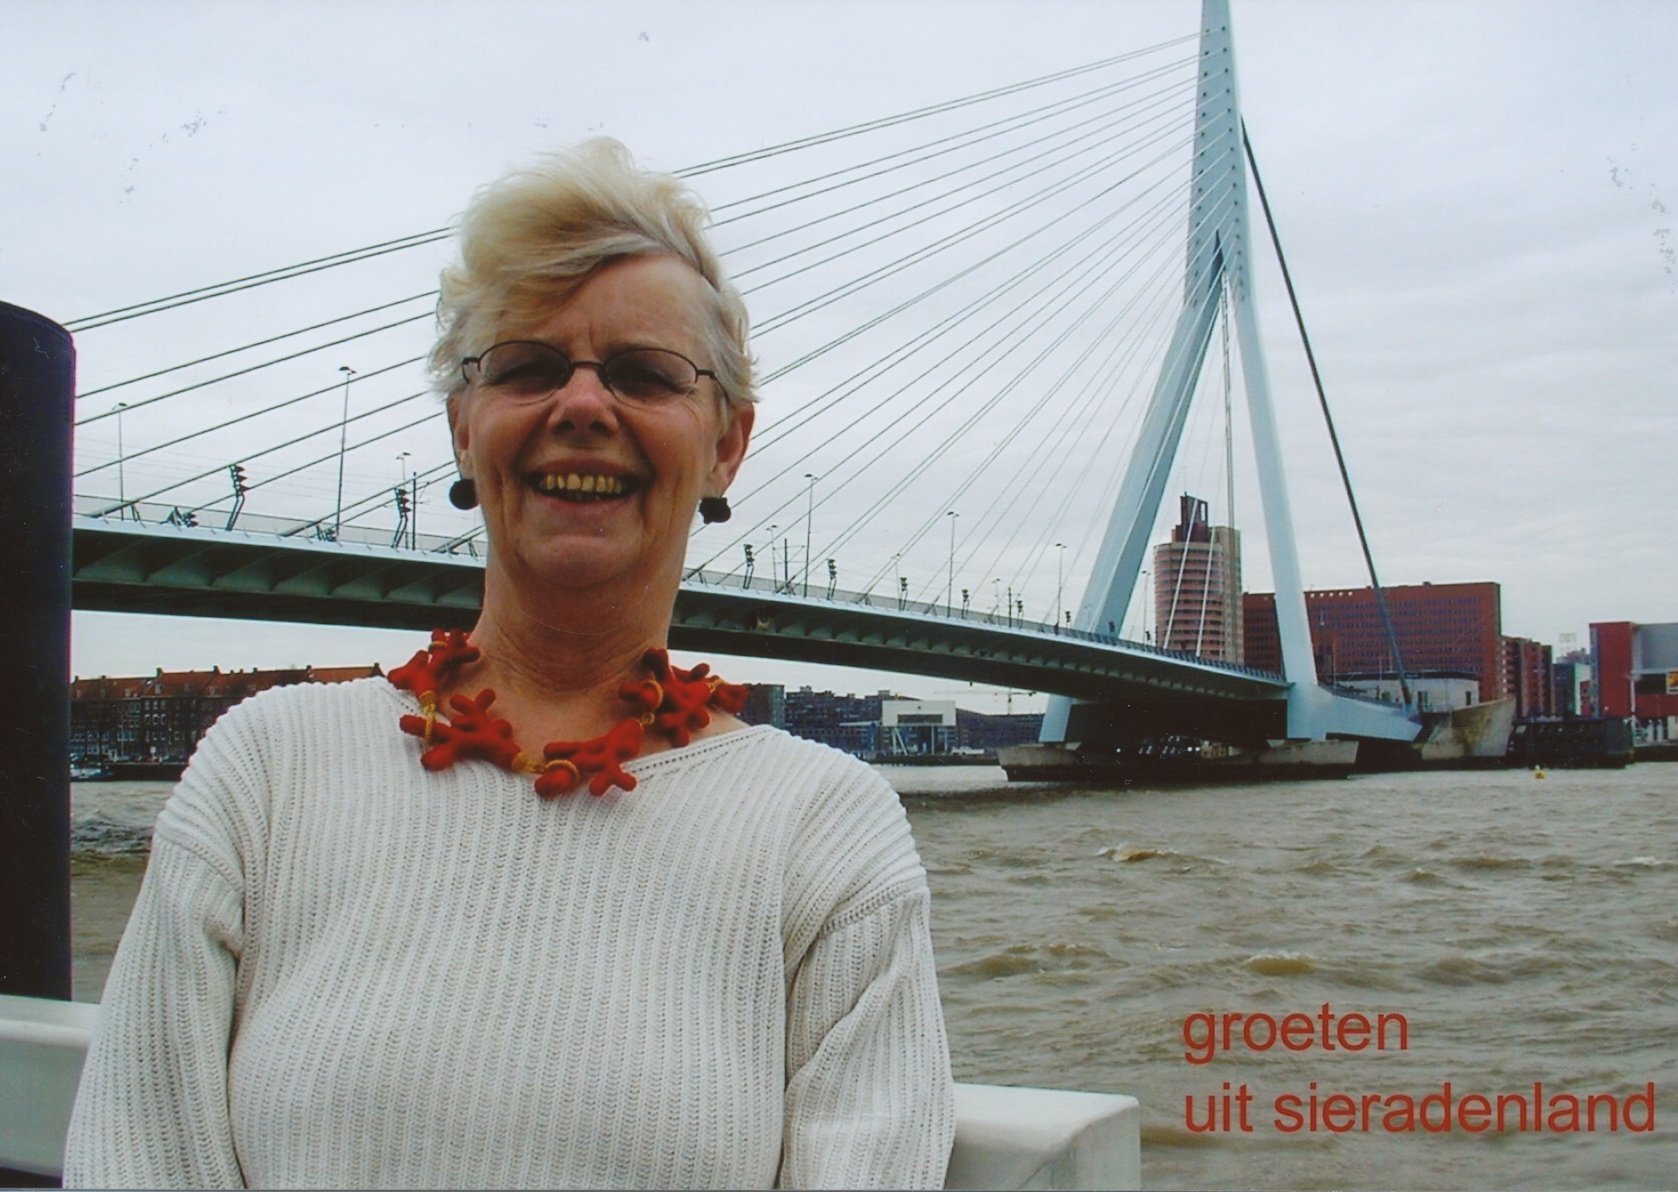 Claartje Keur, Zelfportret met halssieraad van Felieke van der Leest, Rotterdam, Erasmusbrug, 31 maart 2001. Foto Claartje Keur